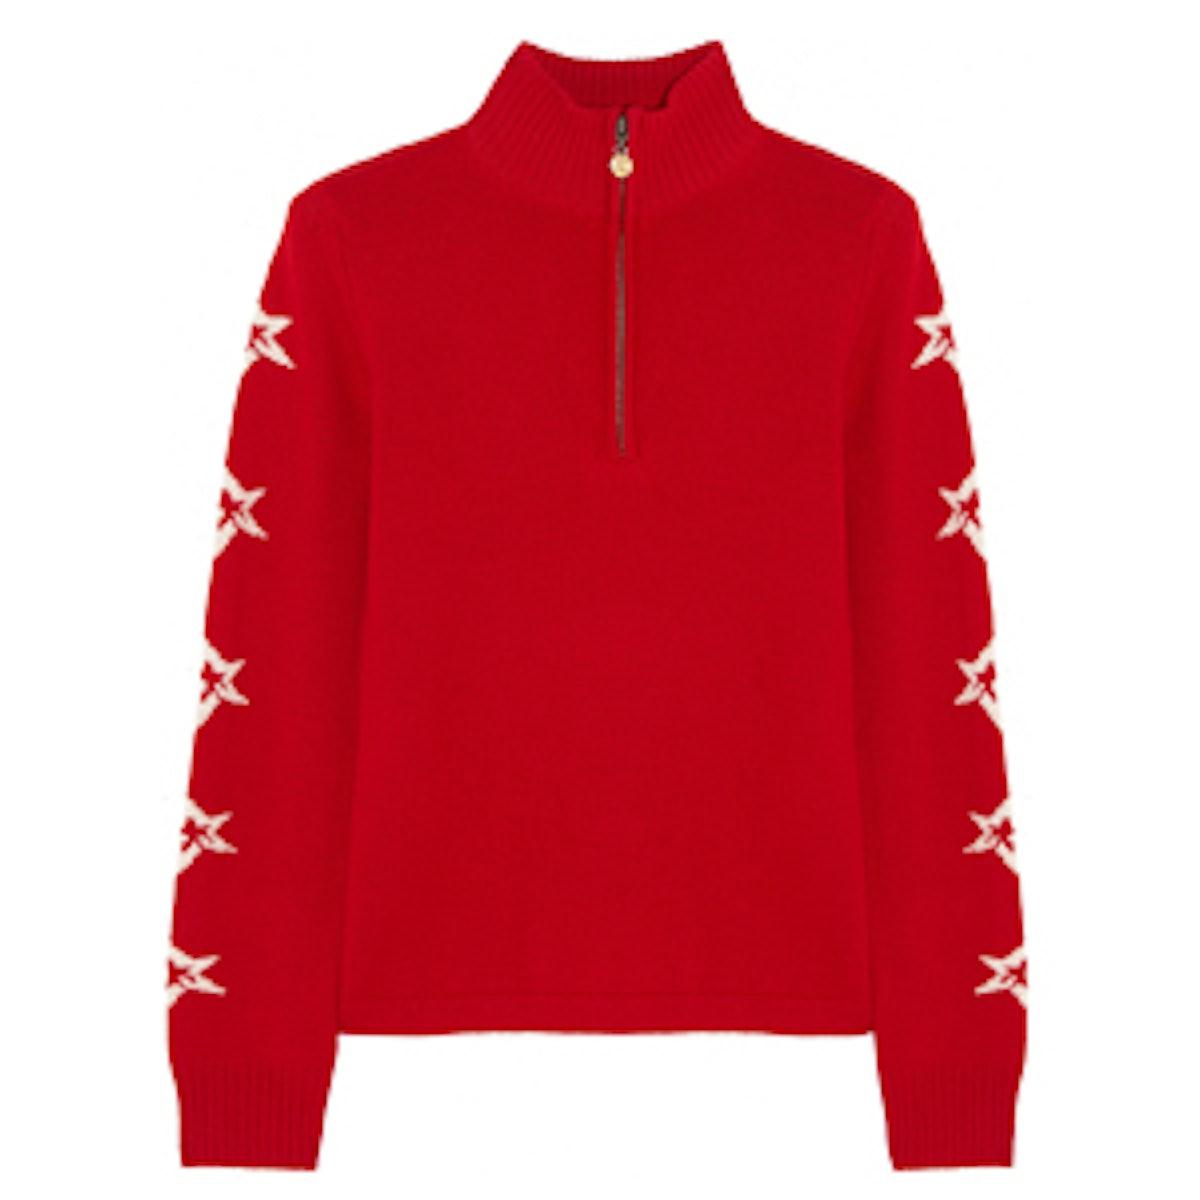 Intarisa Knit Wool Sweater